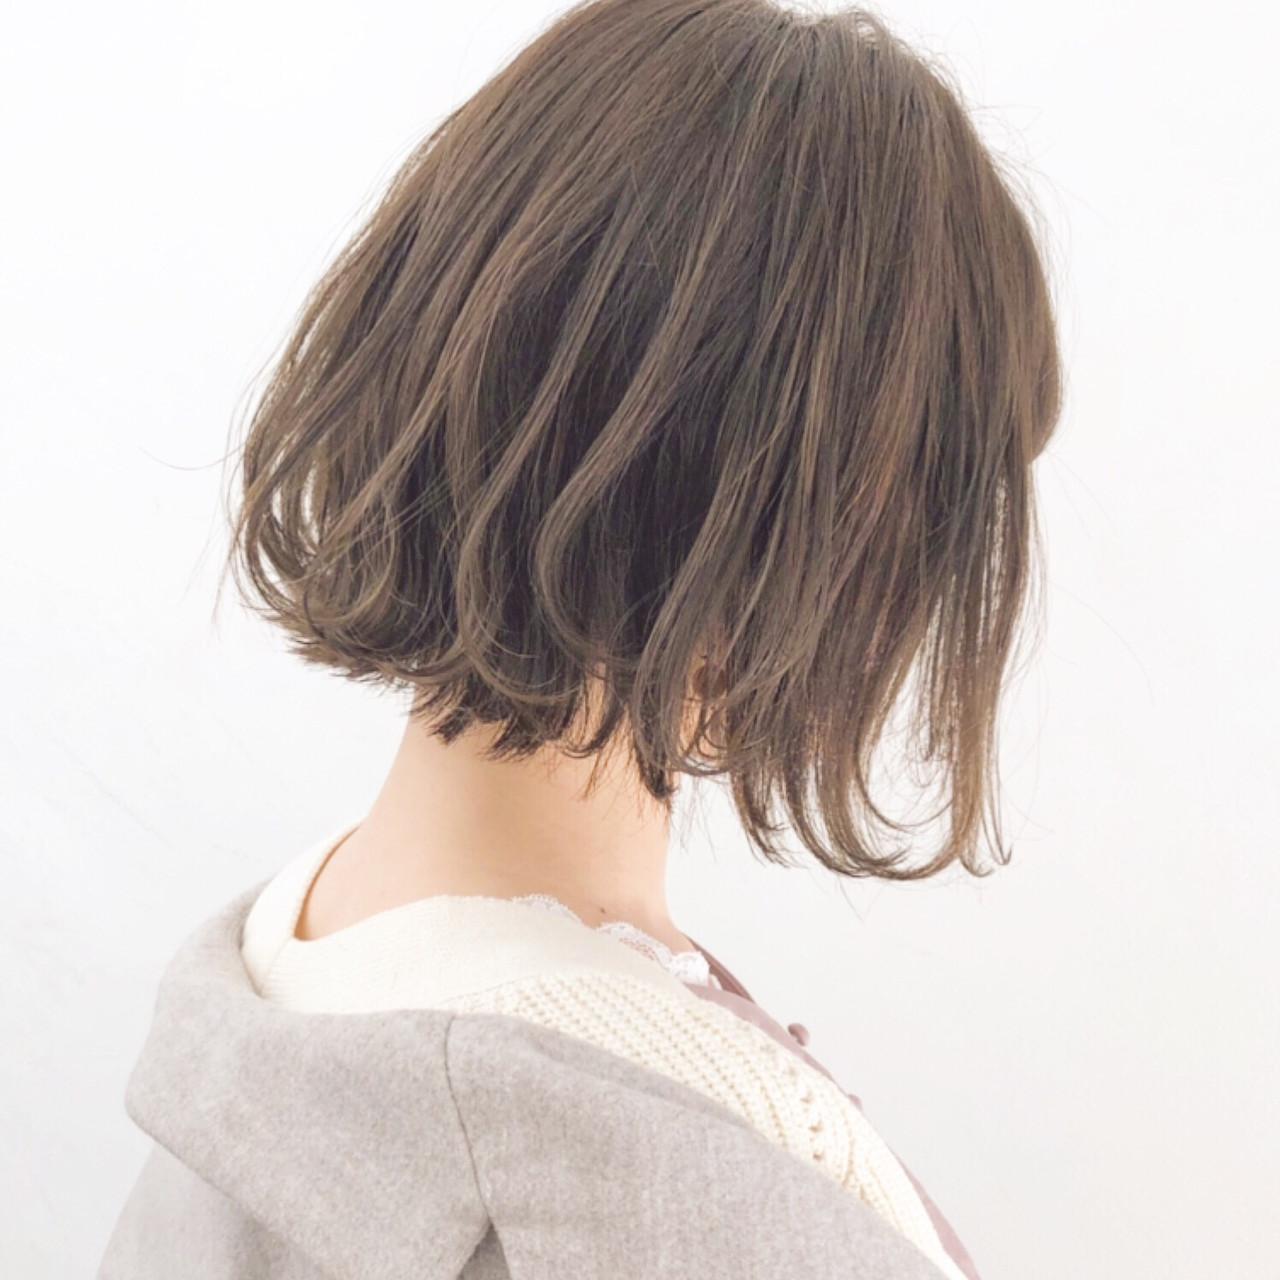 オフィス アンニュイほつれヘア 簡単ヘアアレンジ パーマヘアスタイルや髪型の写真・画像